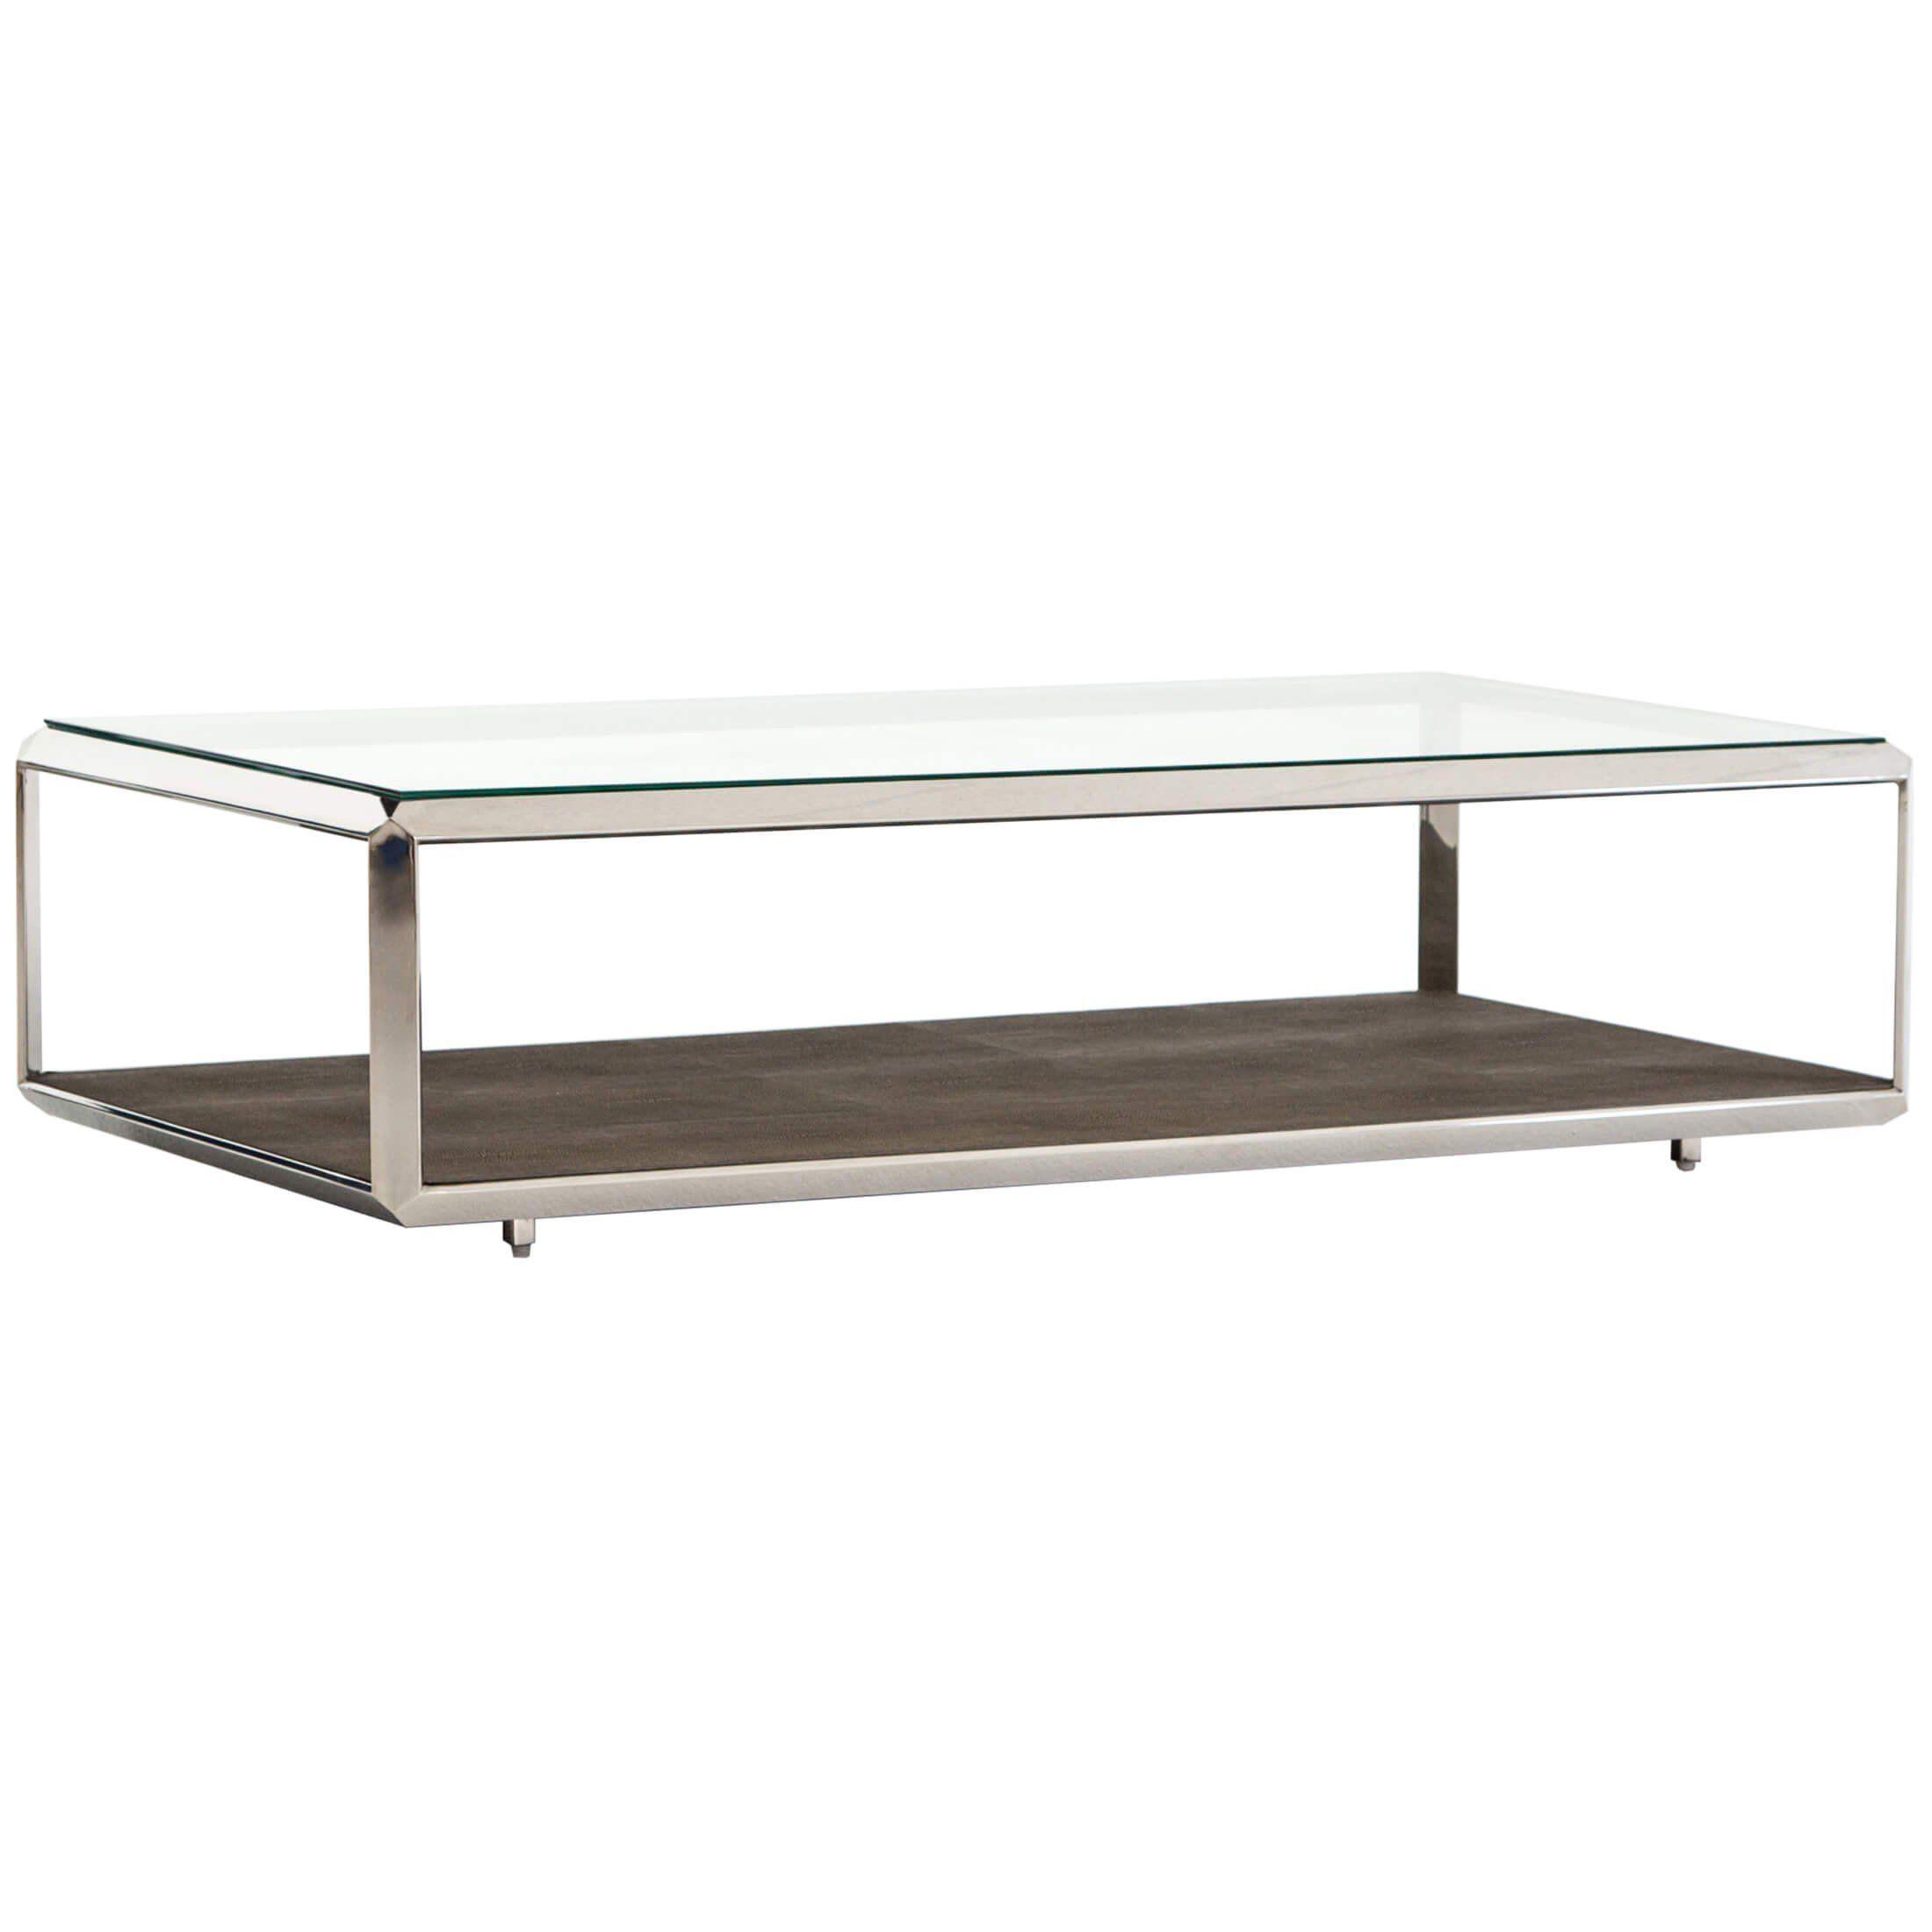 Shagreen Shadow Box Coffee Table Steel Furniture 18